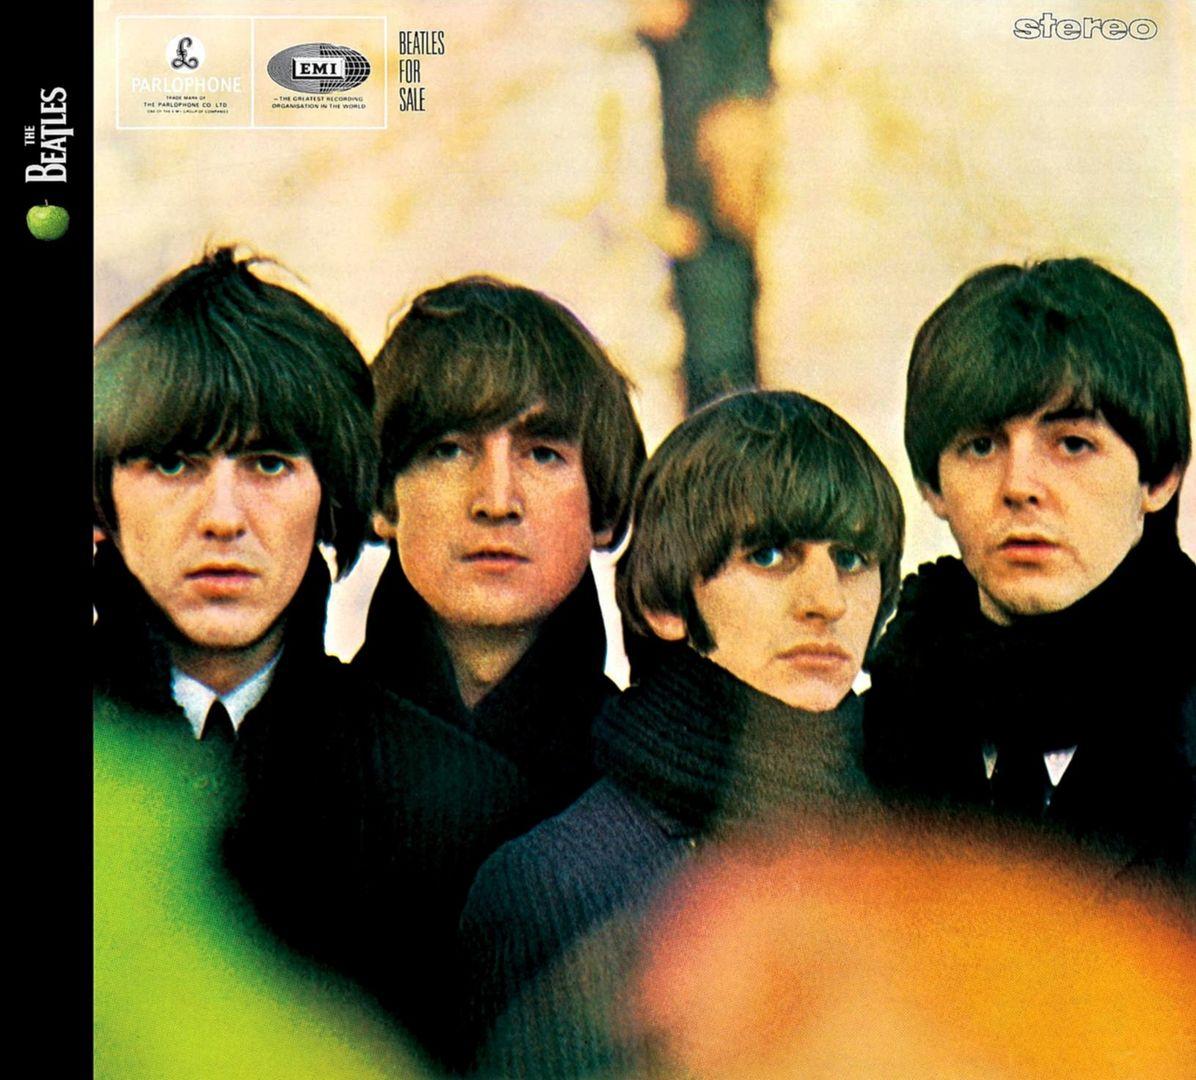 Anhörbar: Beatles For Sale (1965)